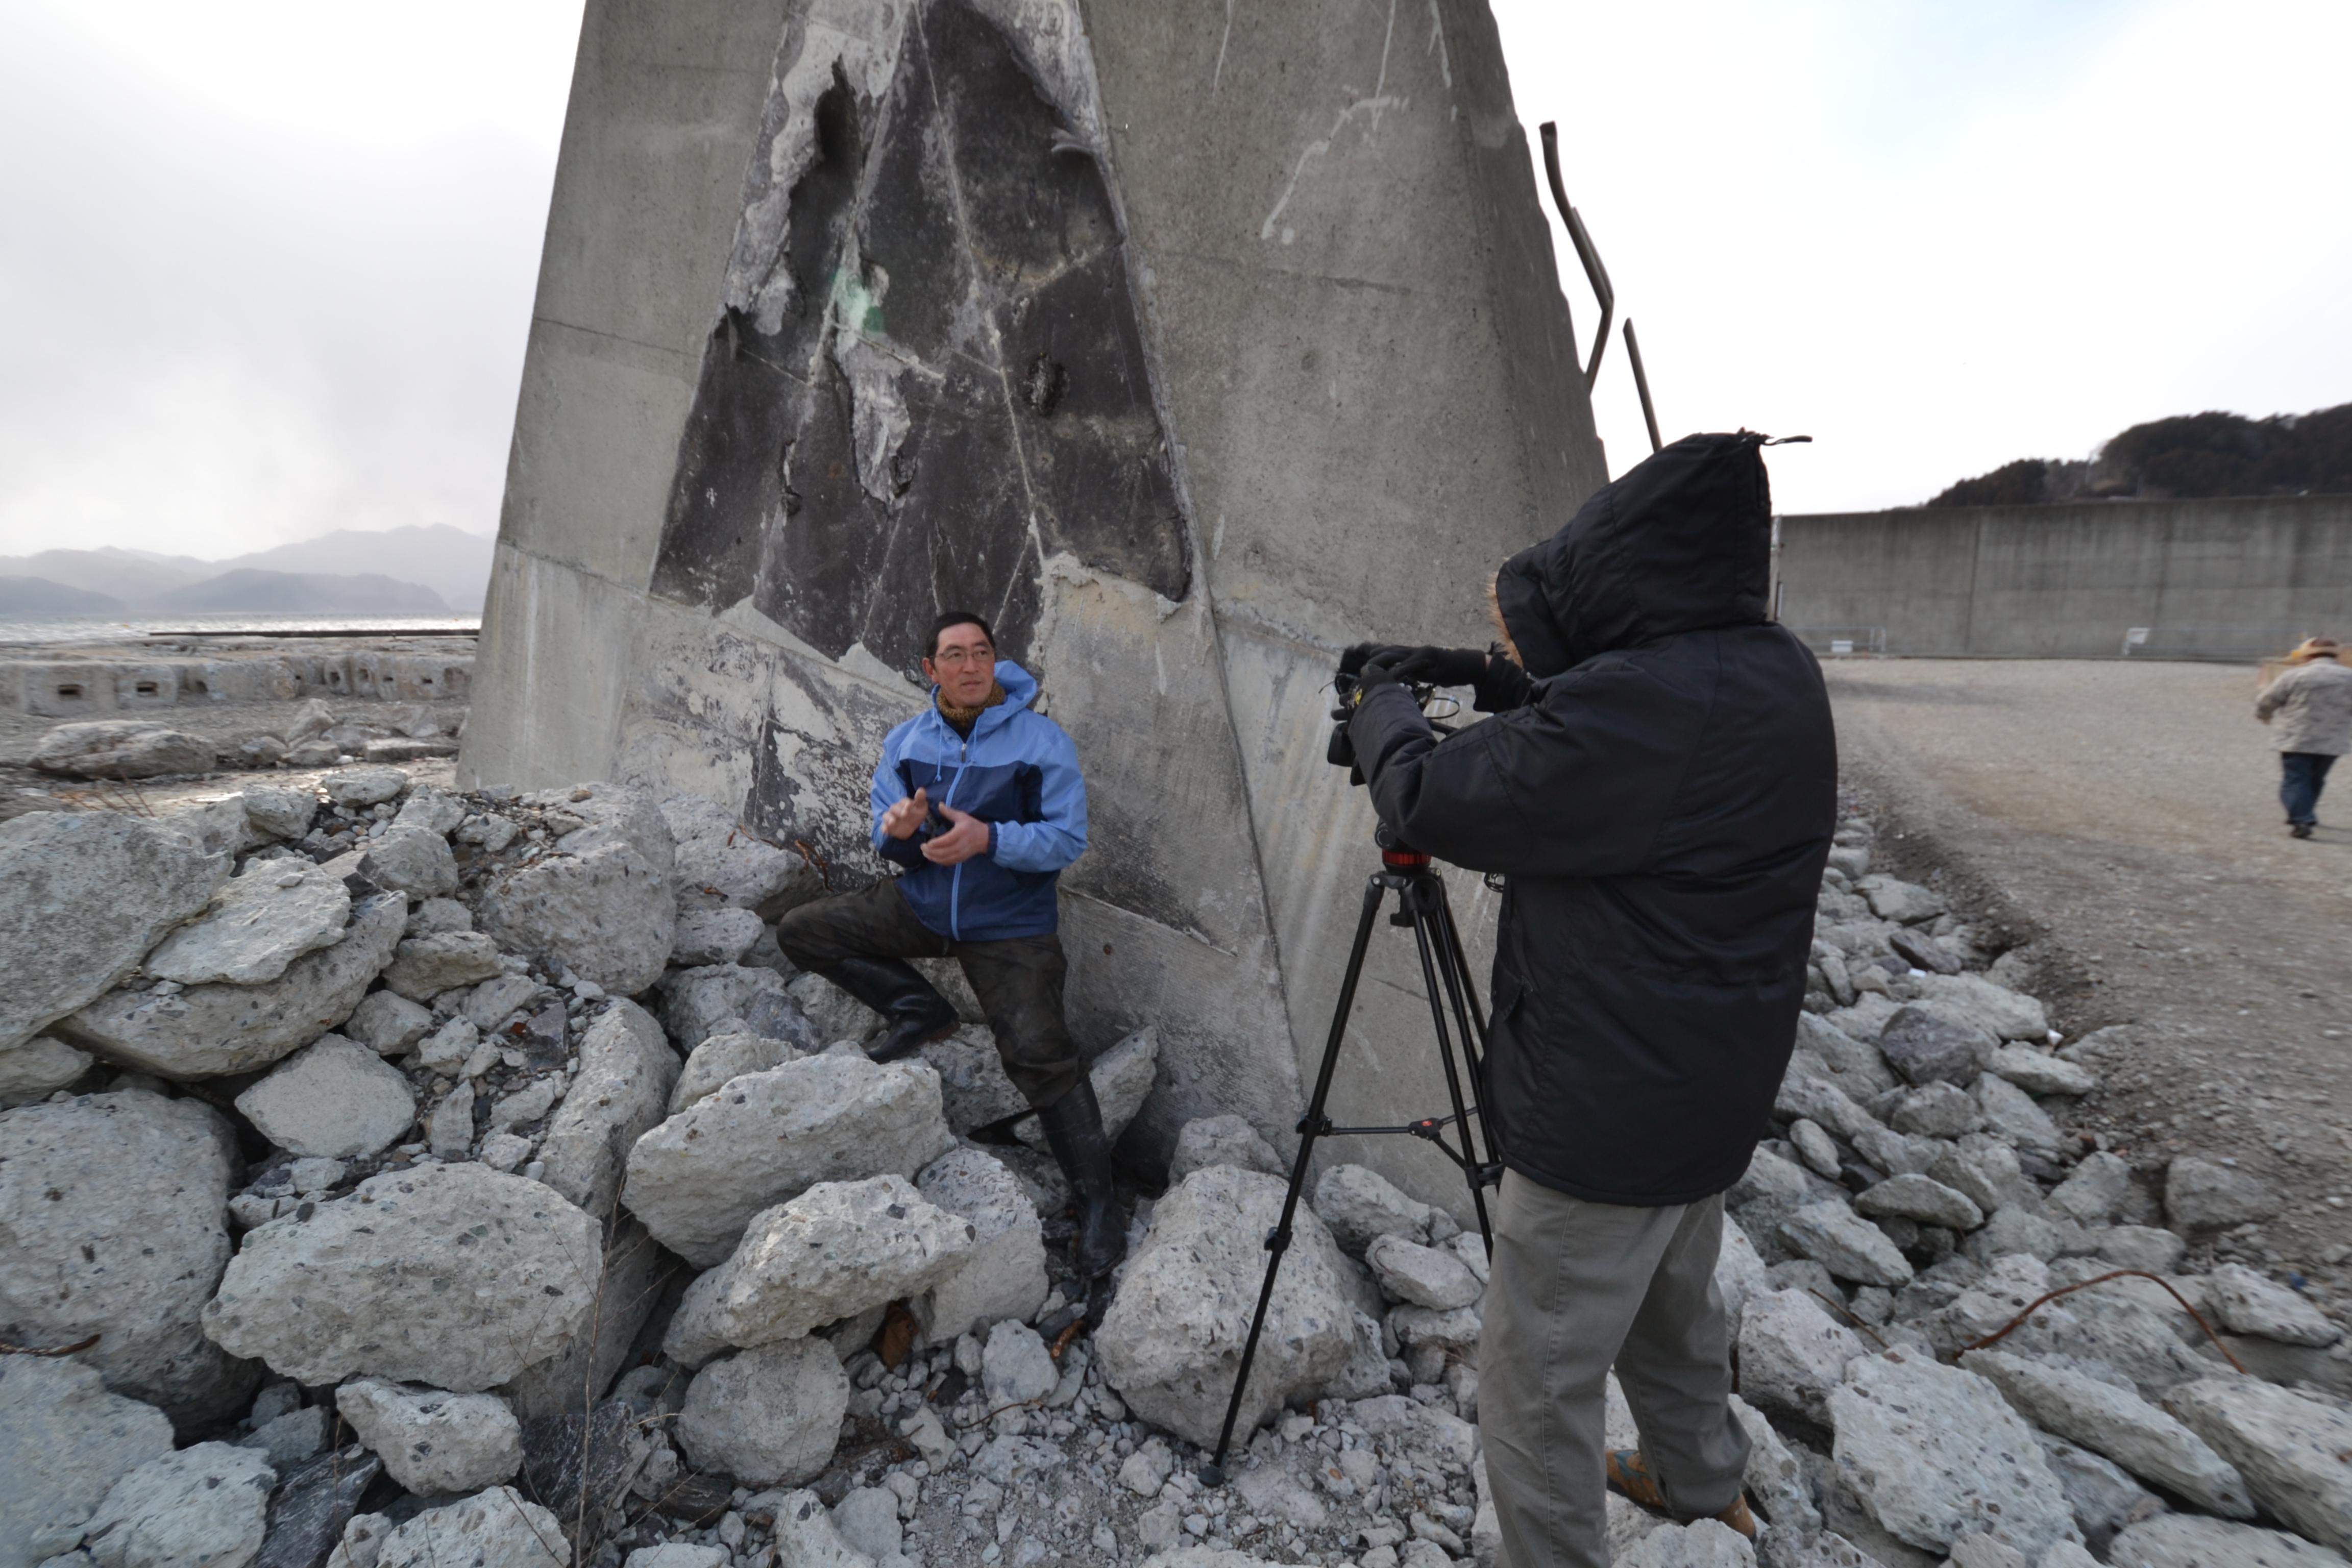 otsuchi wakame fisherman interview 2.JPG